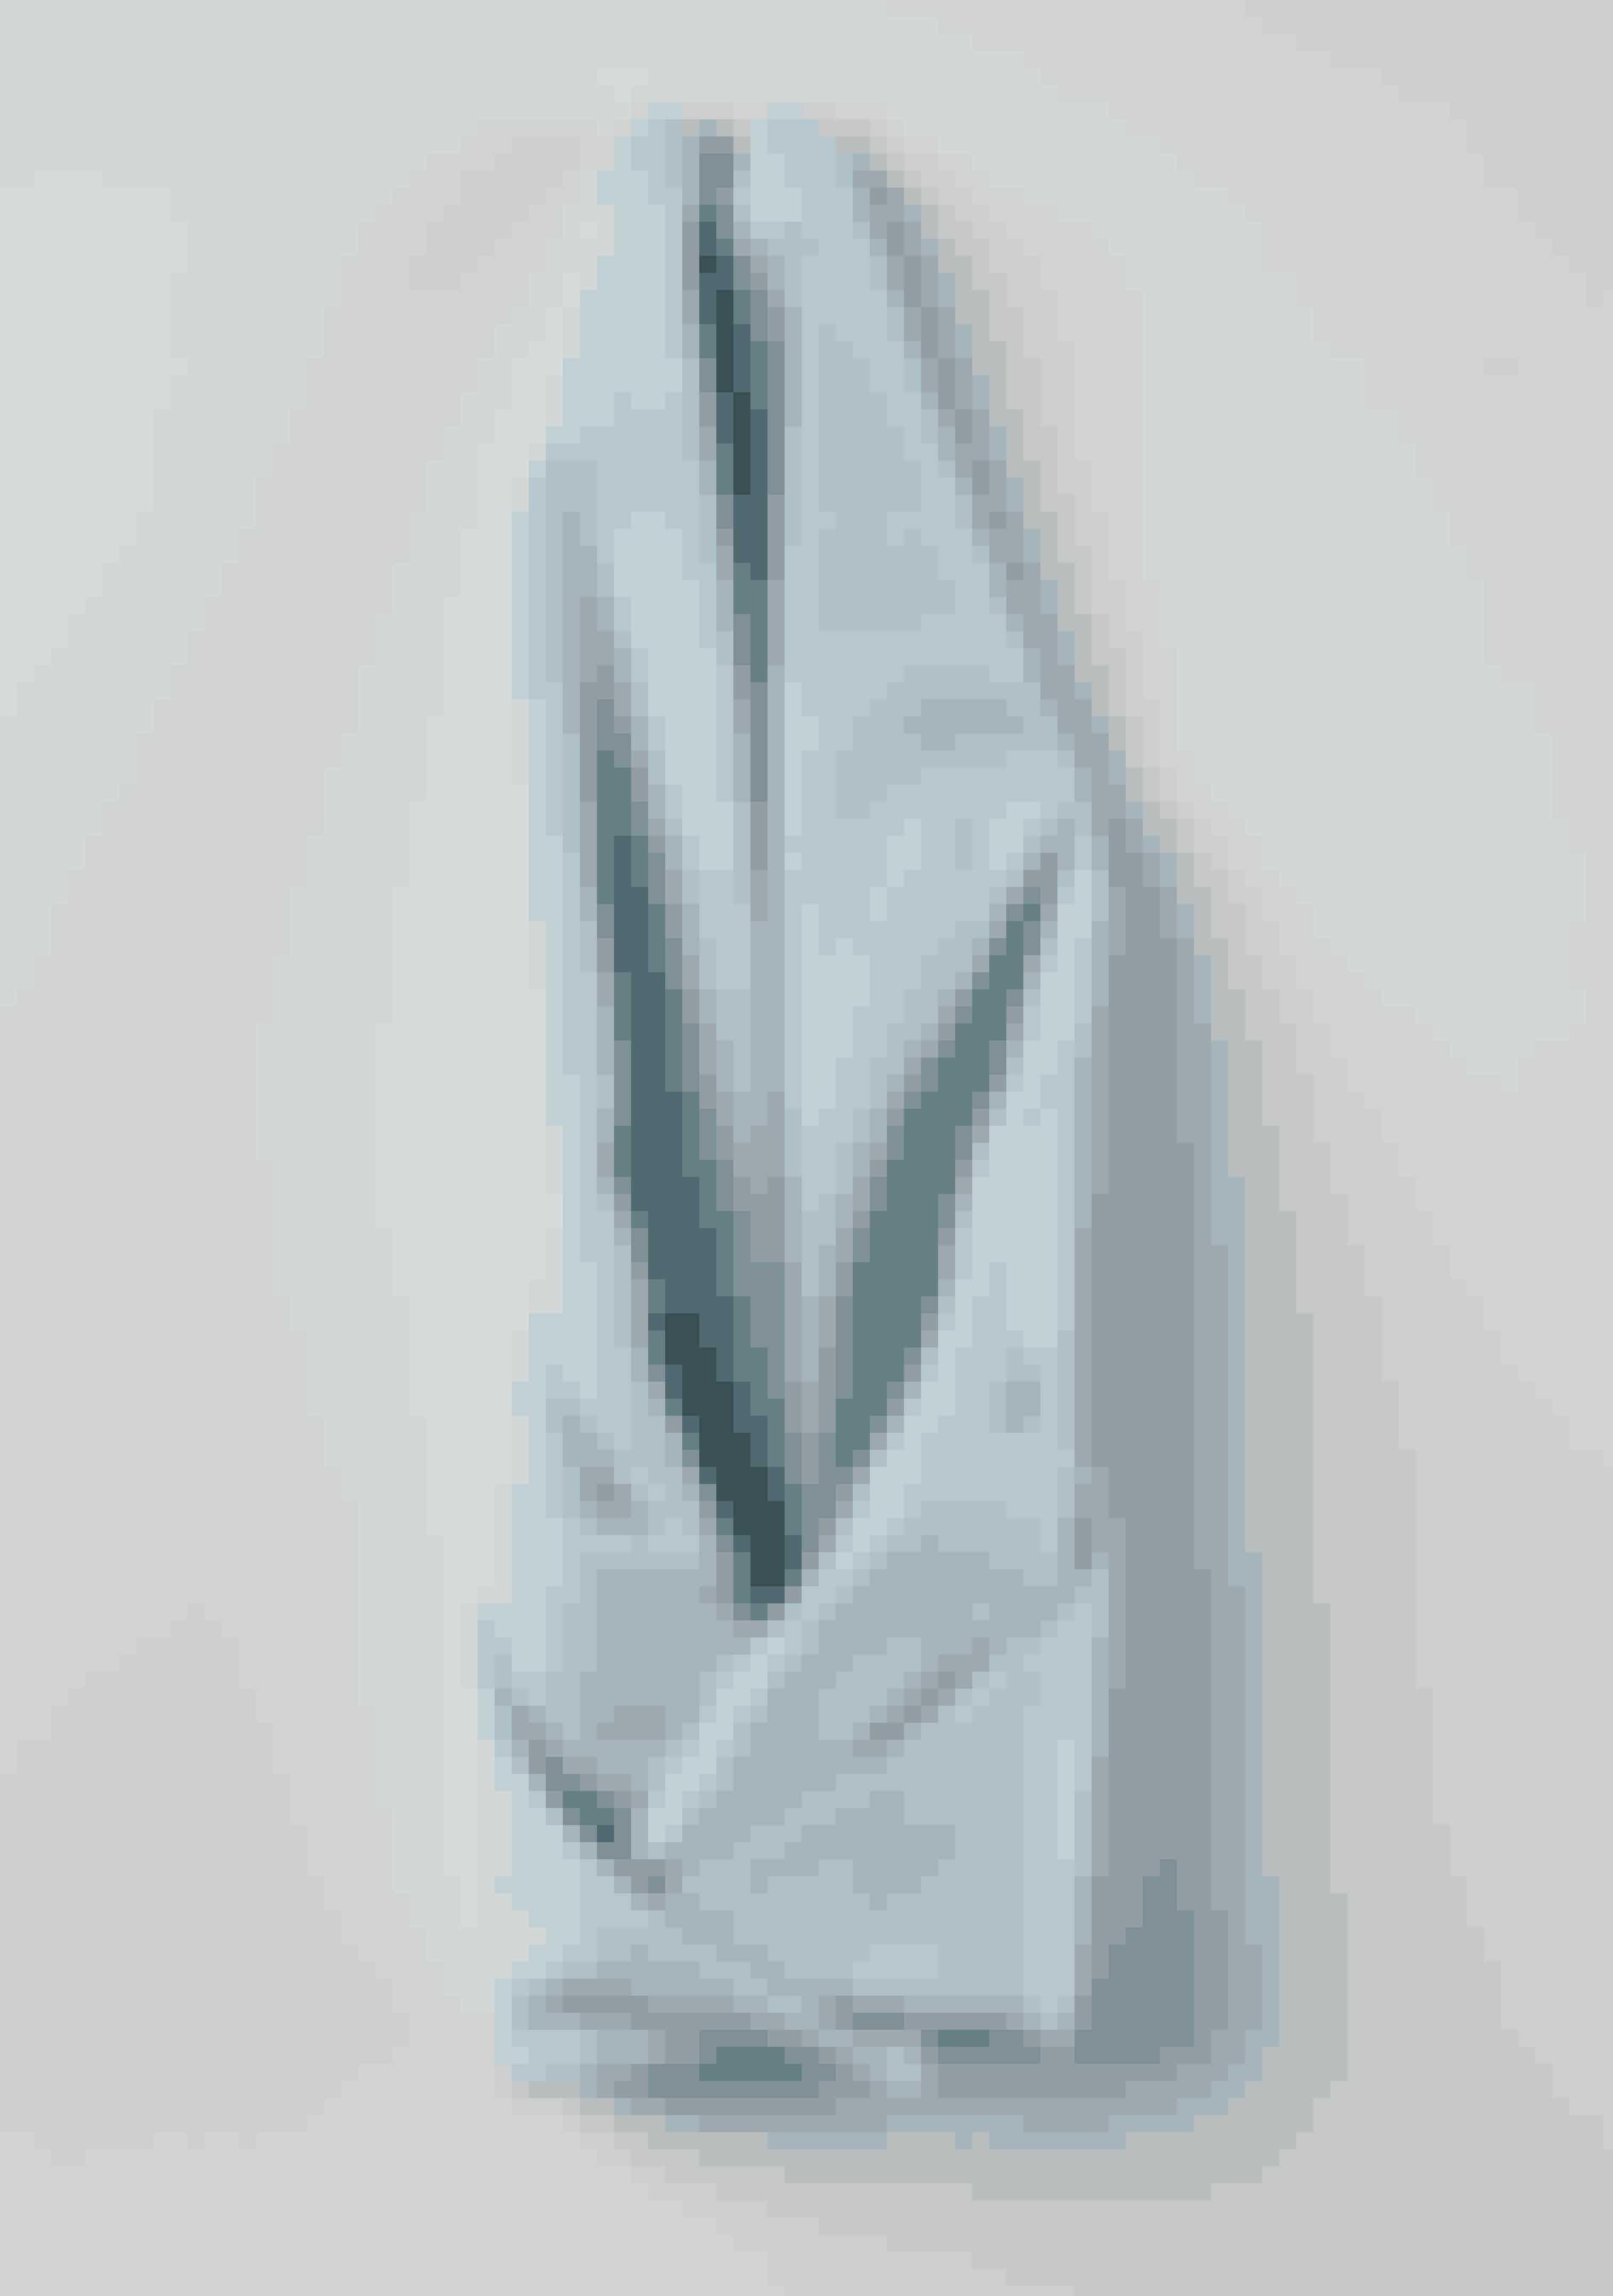 Fold hjørnerne i siderne ind mod midten og ind i hinanden, så der dannes et rør.